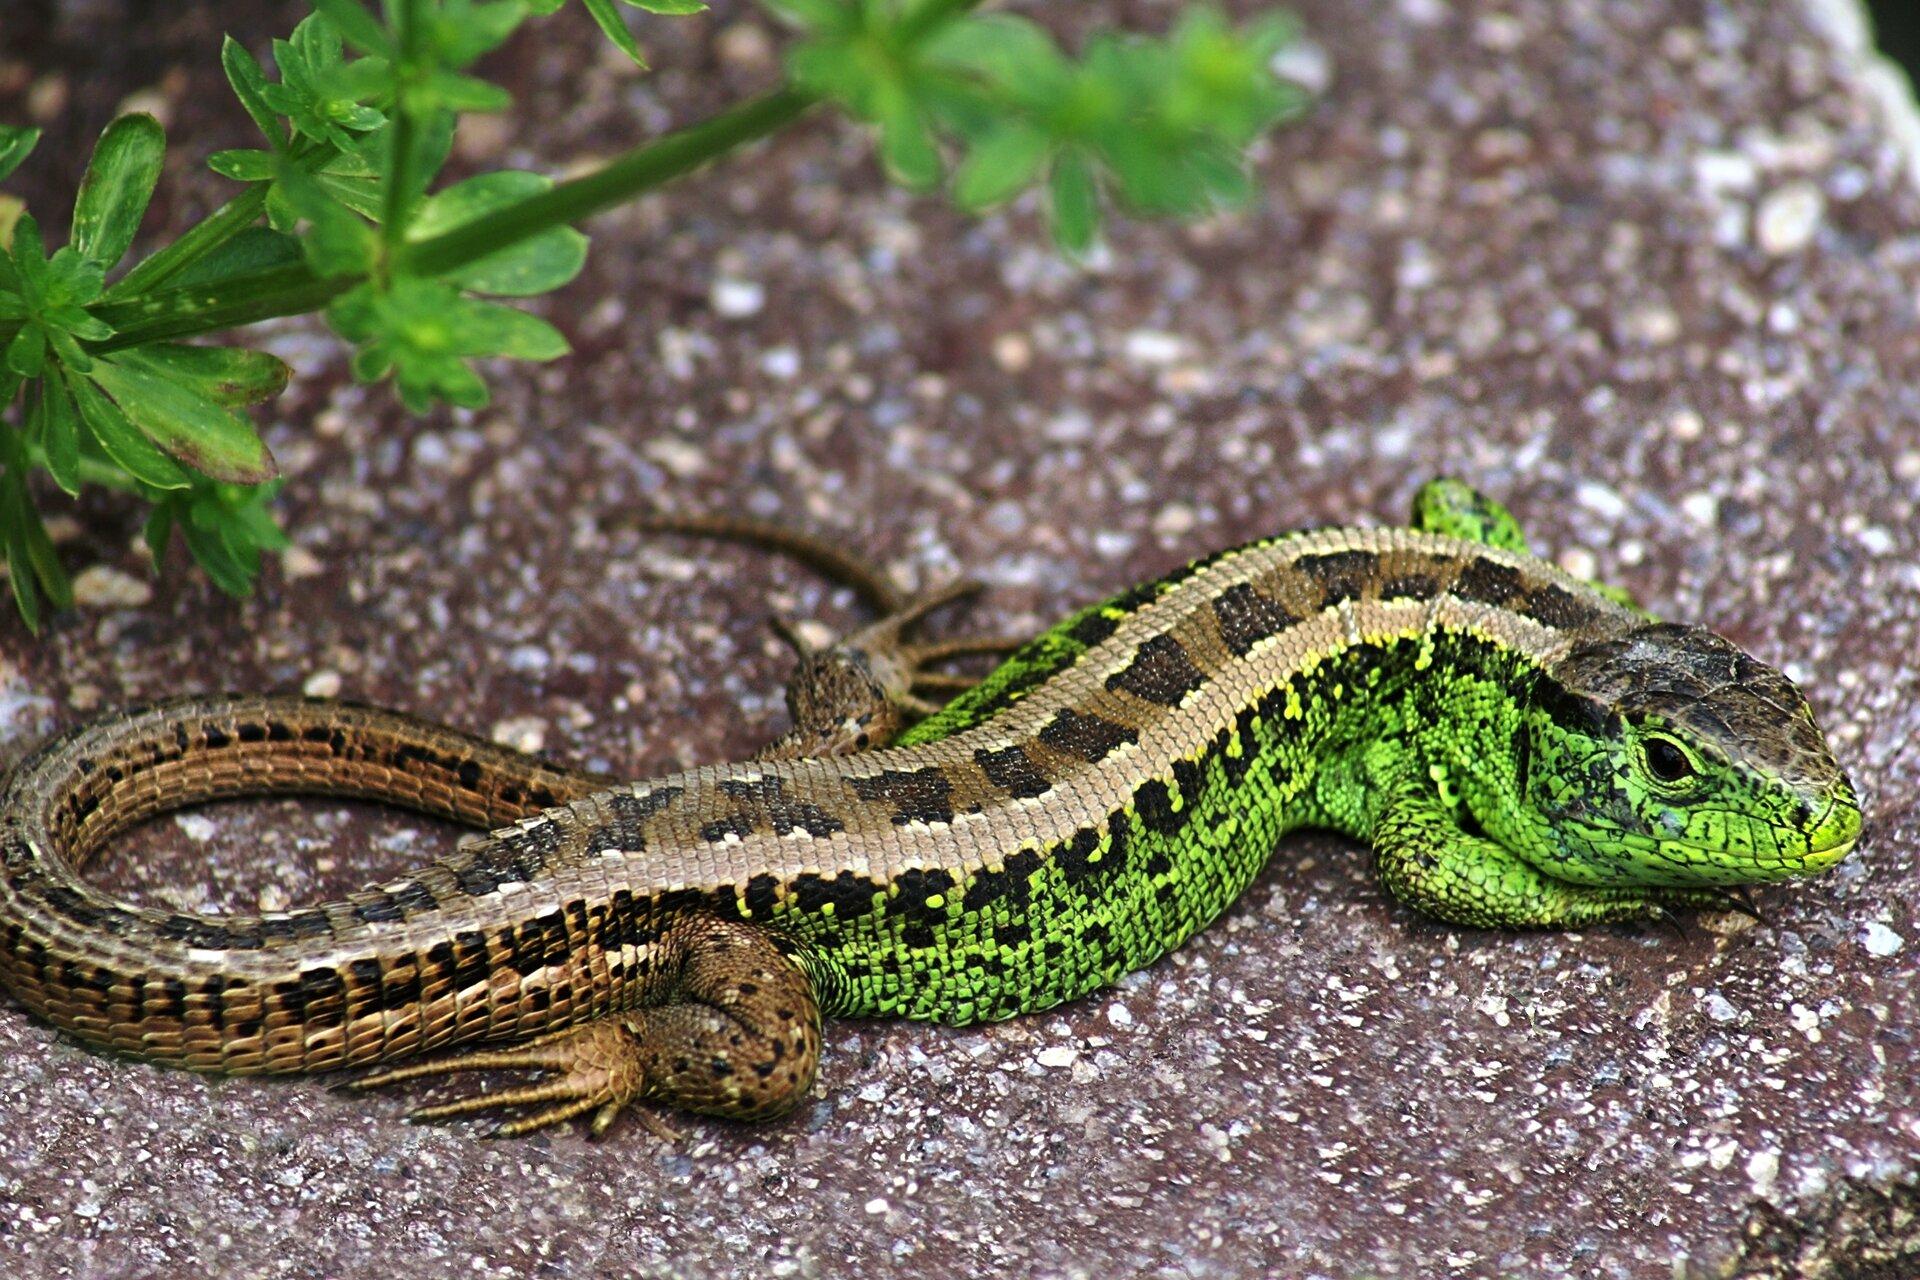 Fotografia przedstawia jaszczurkę zwinkę. Ciało jaszczurki jest zielone zbrązowym ogonem. Stoi pod trawą na ziemi, lekko skosem, duża głowa zbrązowym okiem wlewo. Ma bardzo krótkie łapy. Na ciele drobne łuski.